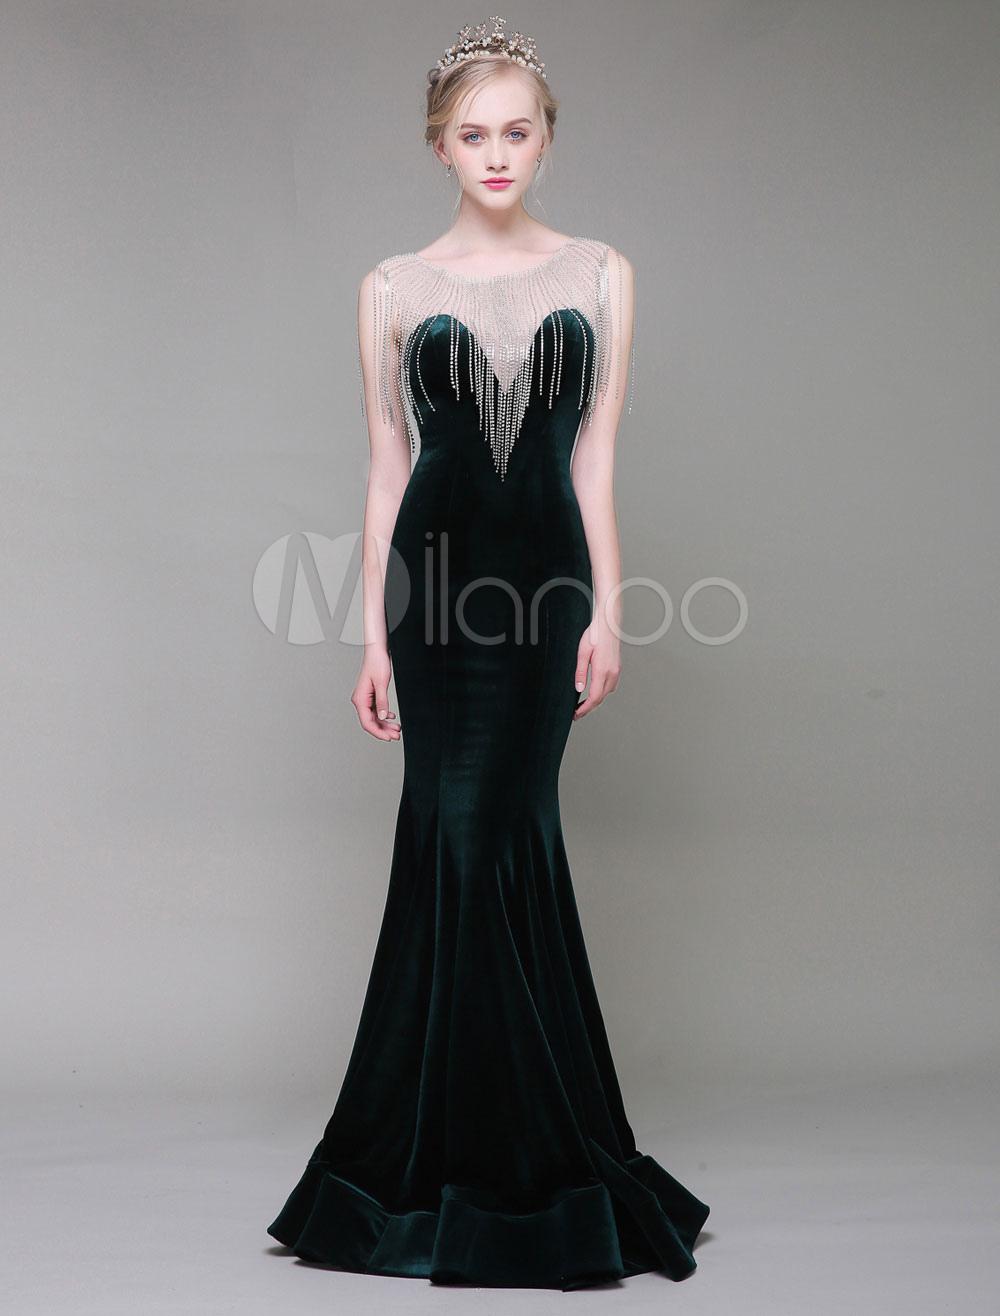 Samt Abendkleider Luxus Meerjungfrau dunkelgrüne Strass Quasten ...